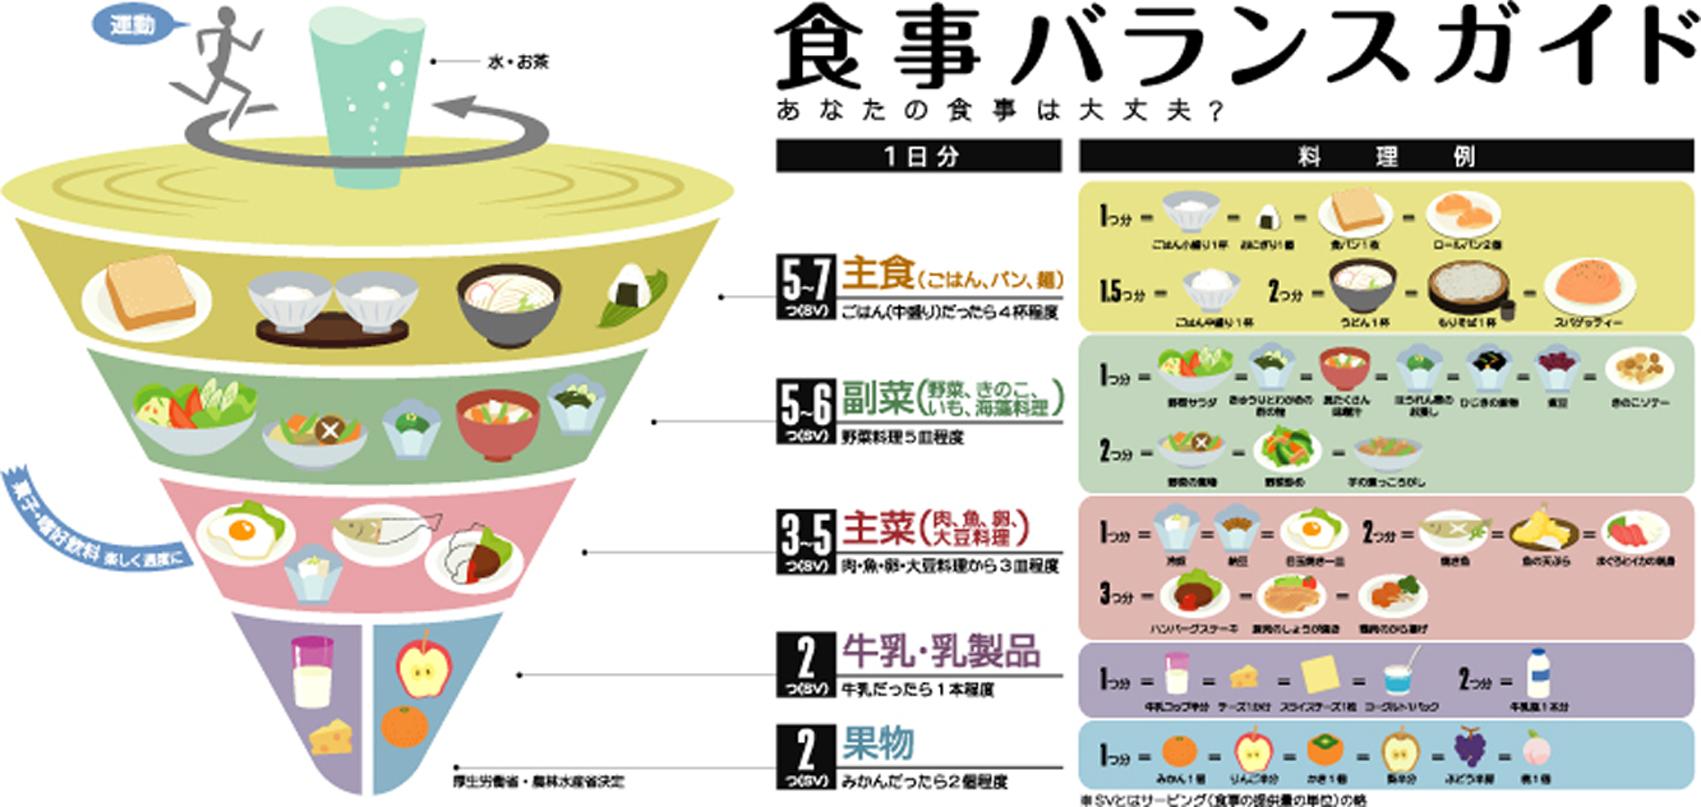 食事バランスガイド拡大版